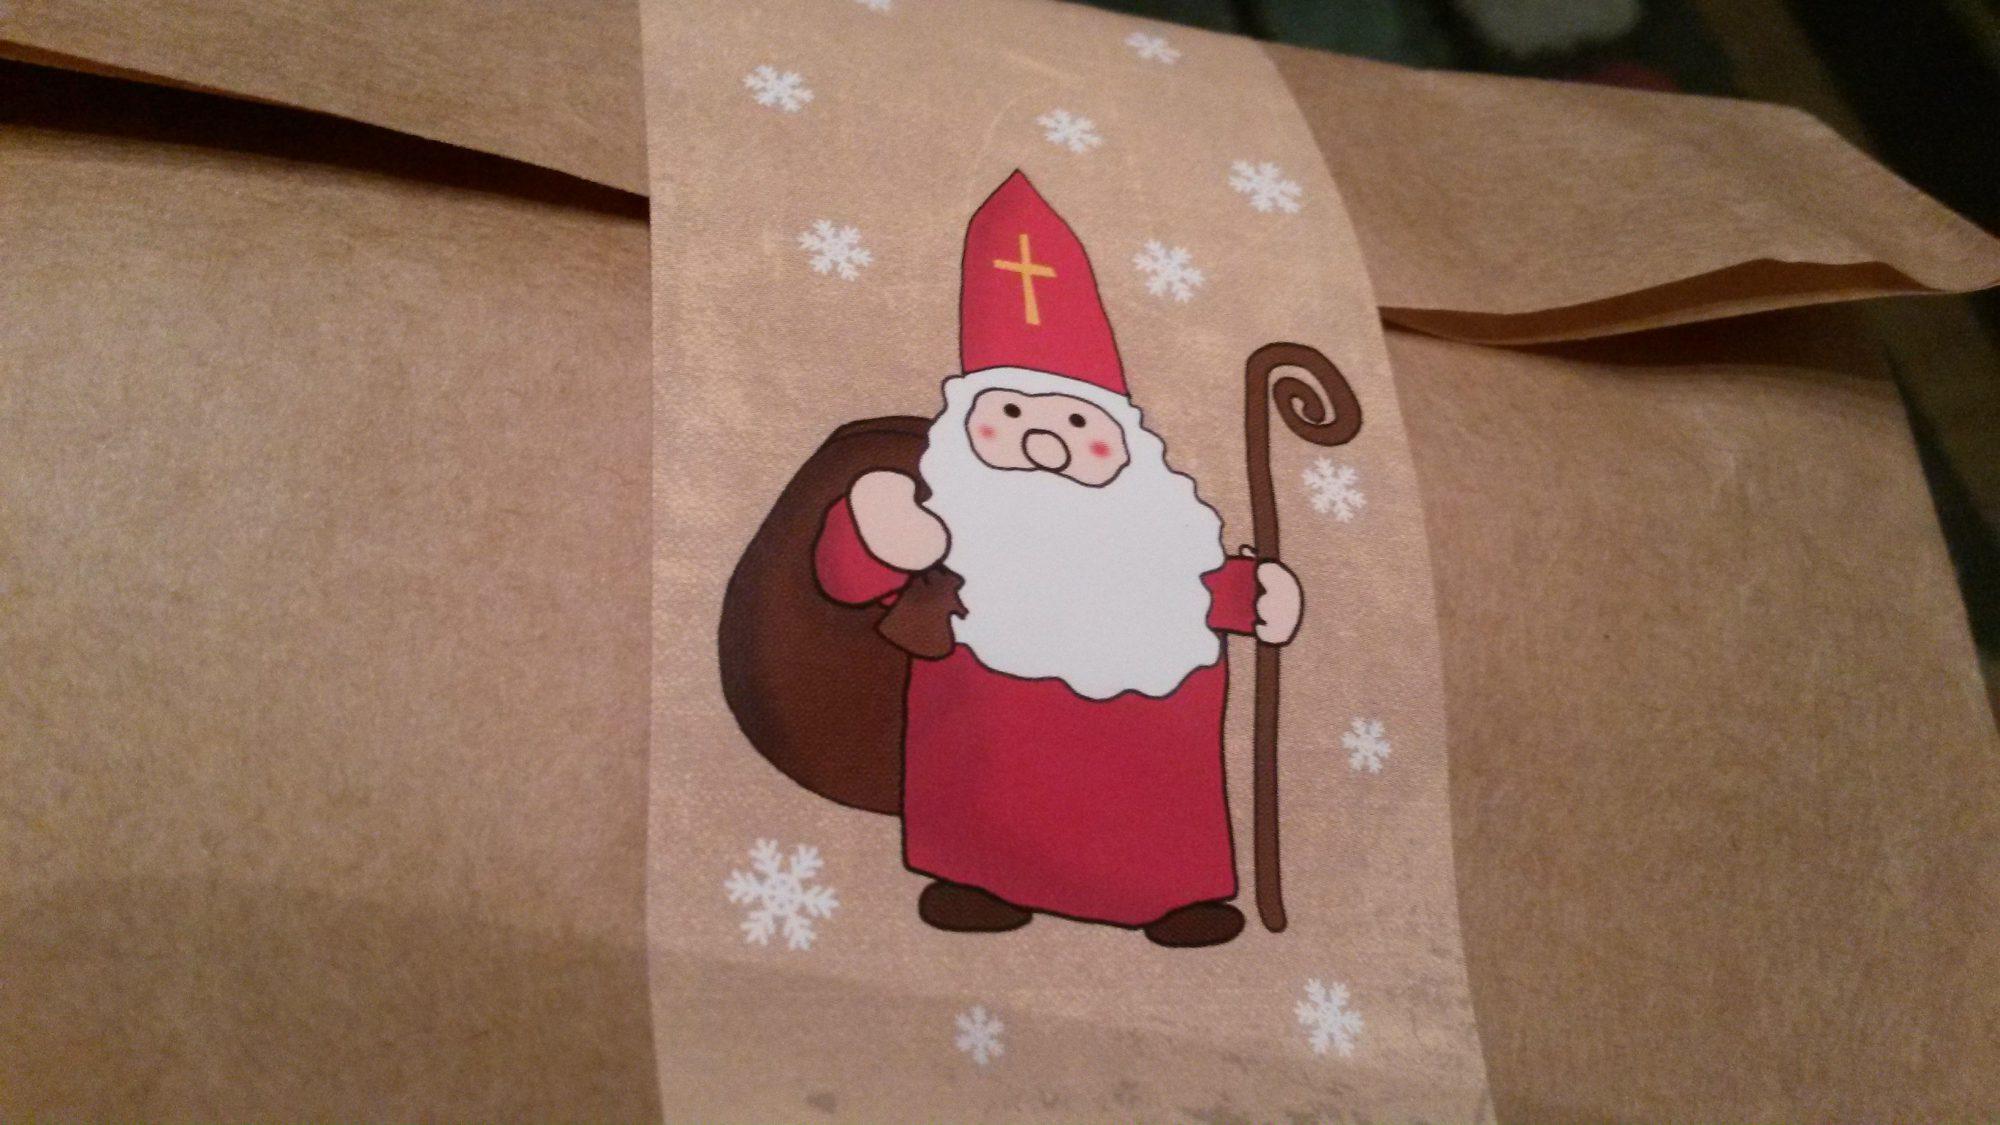 Du, Mama, der Weihnachtsmann bringt gar keine Geschenke!